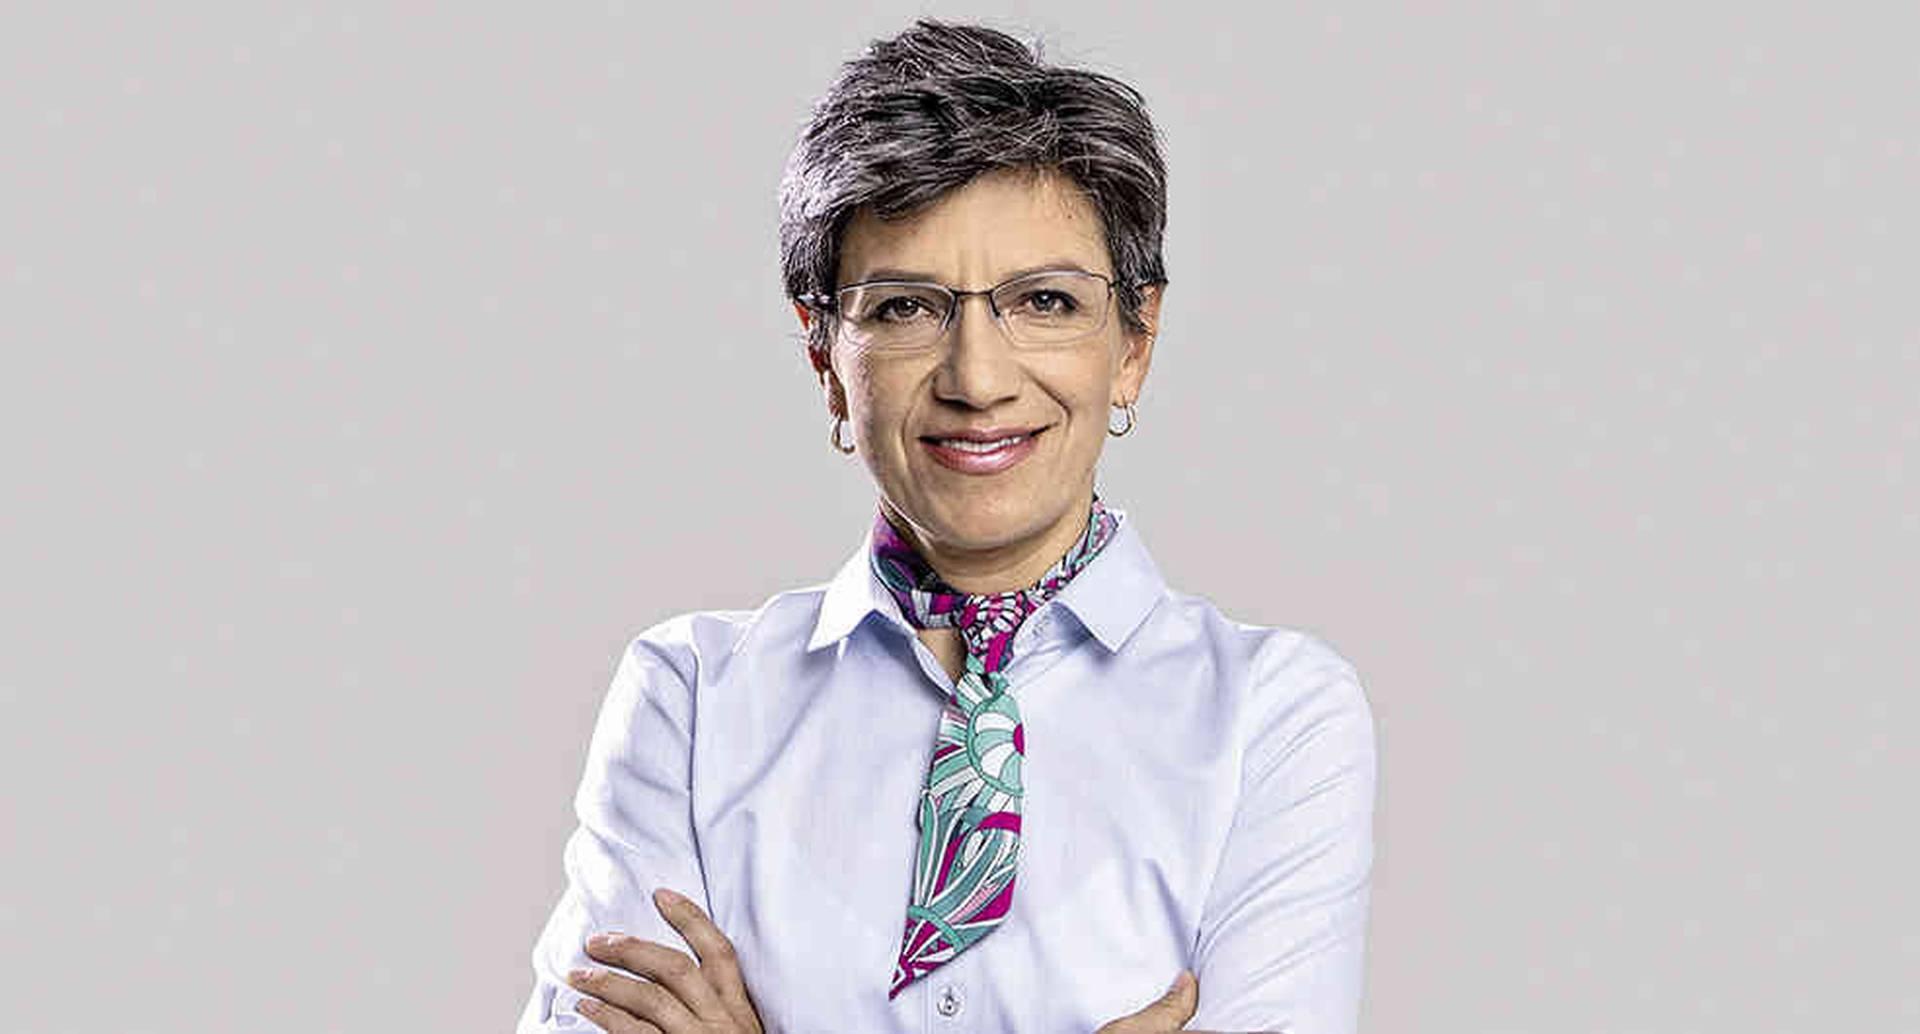 Claudia López apostó por una mezcla de experiencia, trayectoria e innovación al conformar un gabinete que la opinión pública recibió bien. Viene el difícil reto de gobernar.